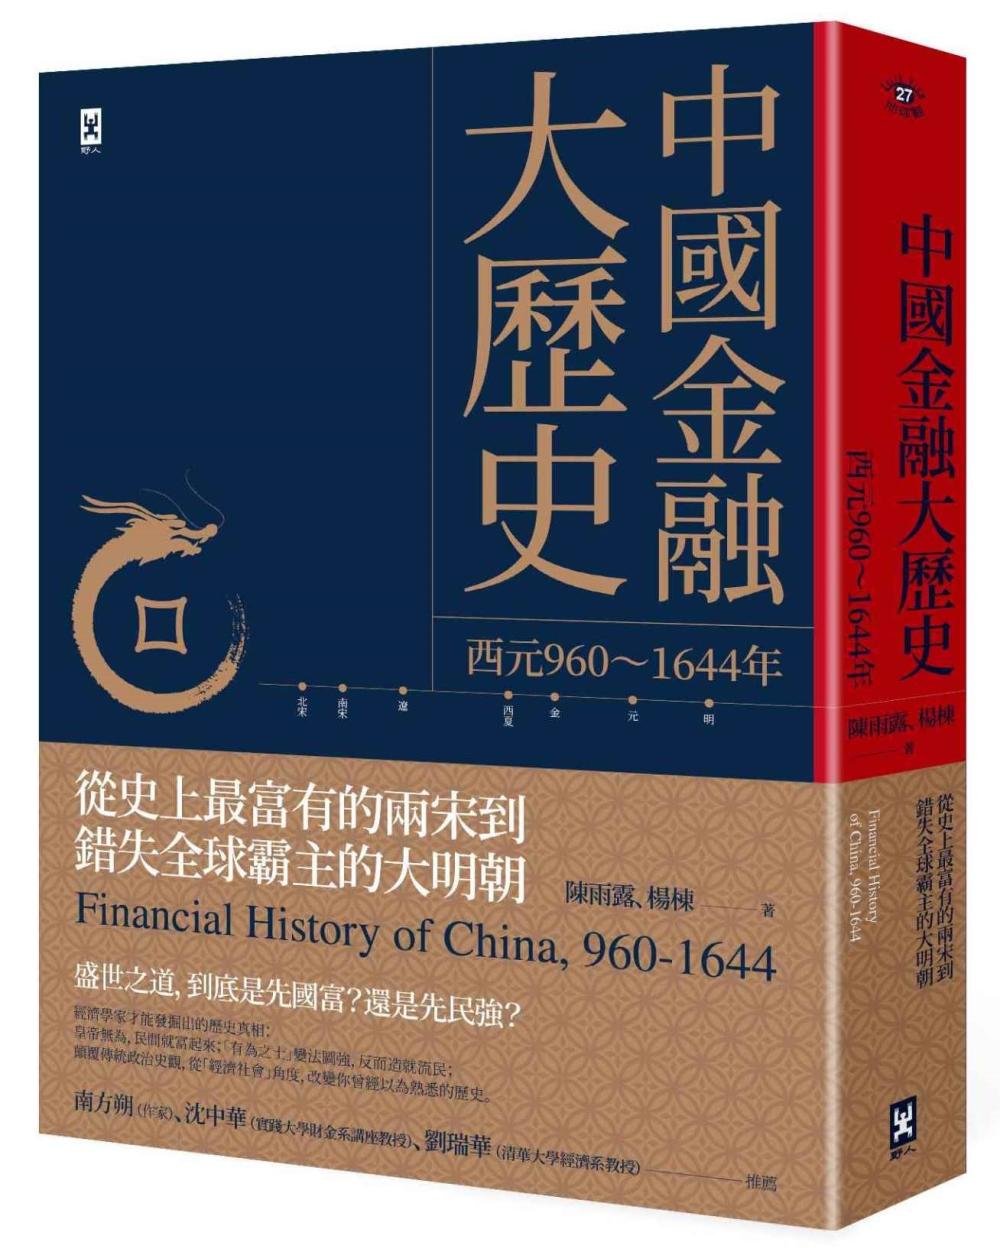 中國金融大歷史:從史上最富有的兩宋到錯失全球霸主的大明朝(西元960~1644年)